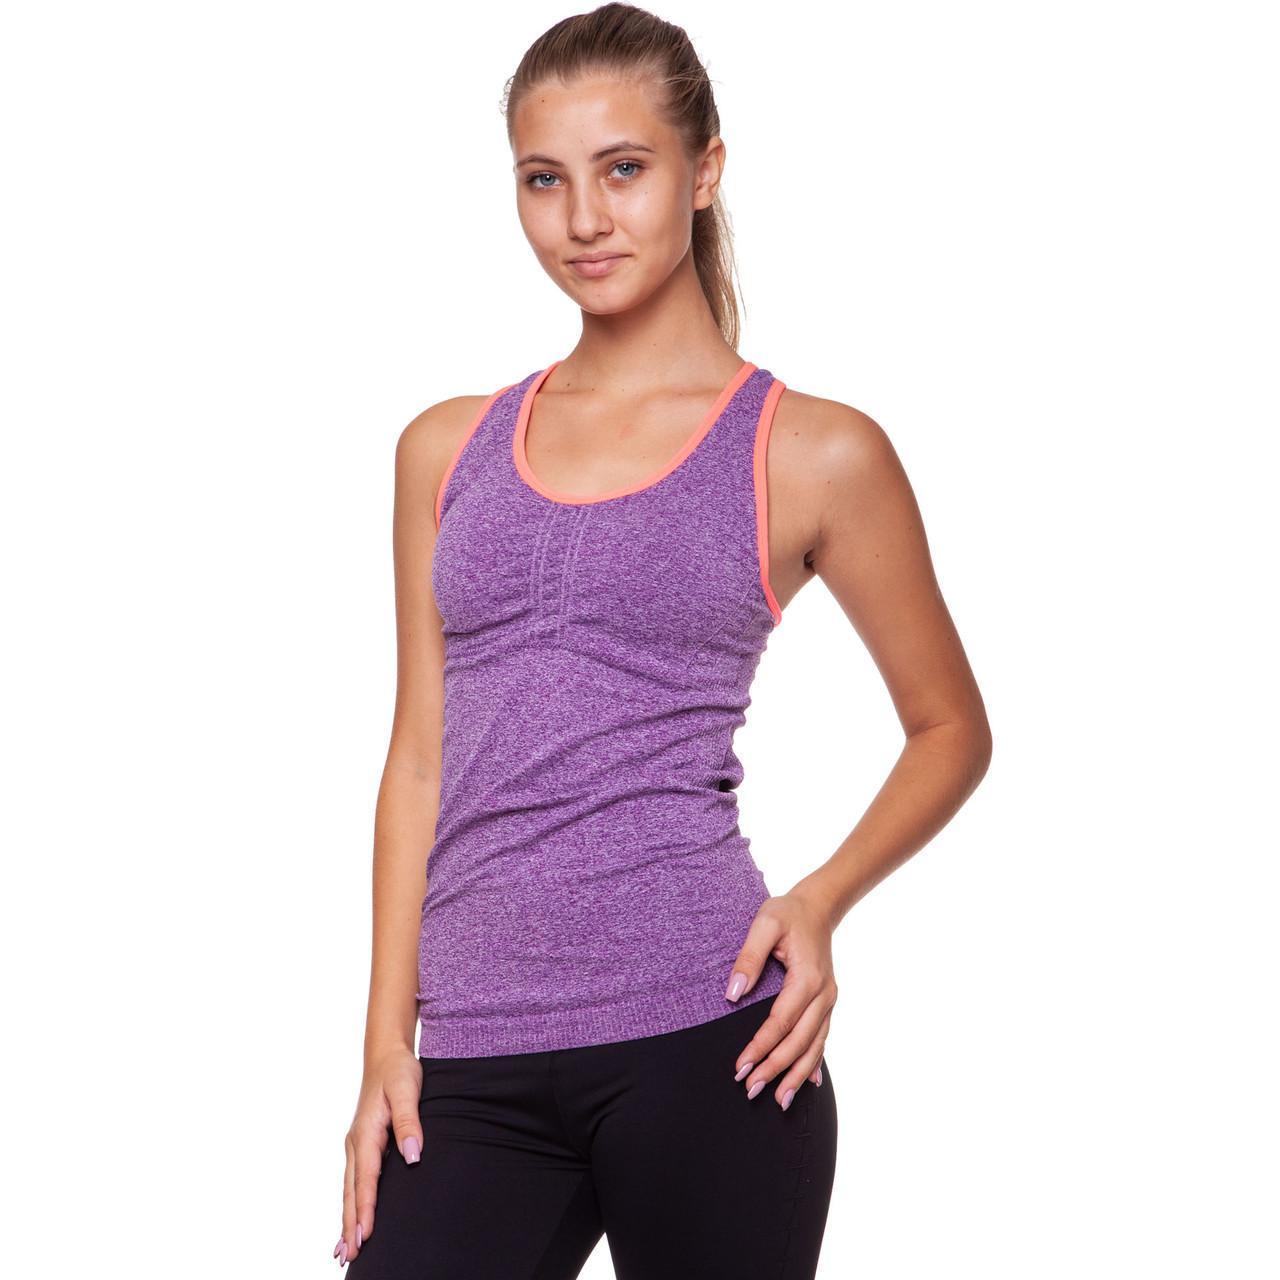 Майка для фітнесу і йоги Domino CO-J1525-2 розмір M-L-40-48 фіолетовий помаранчевий